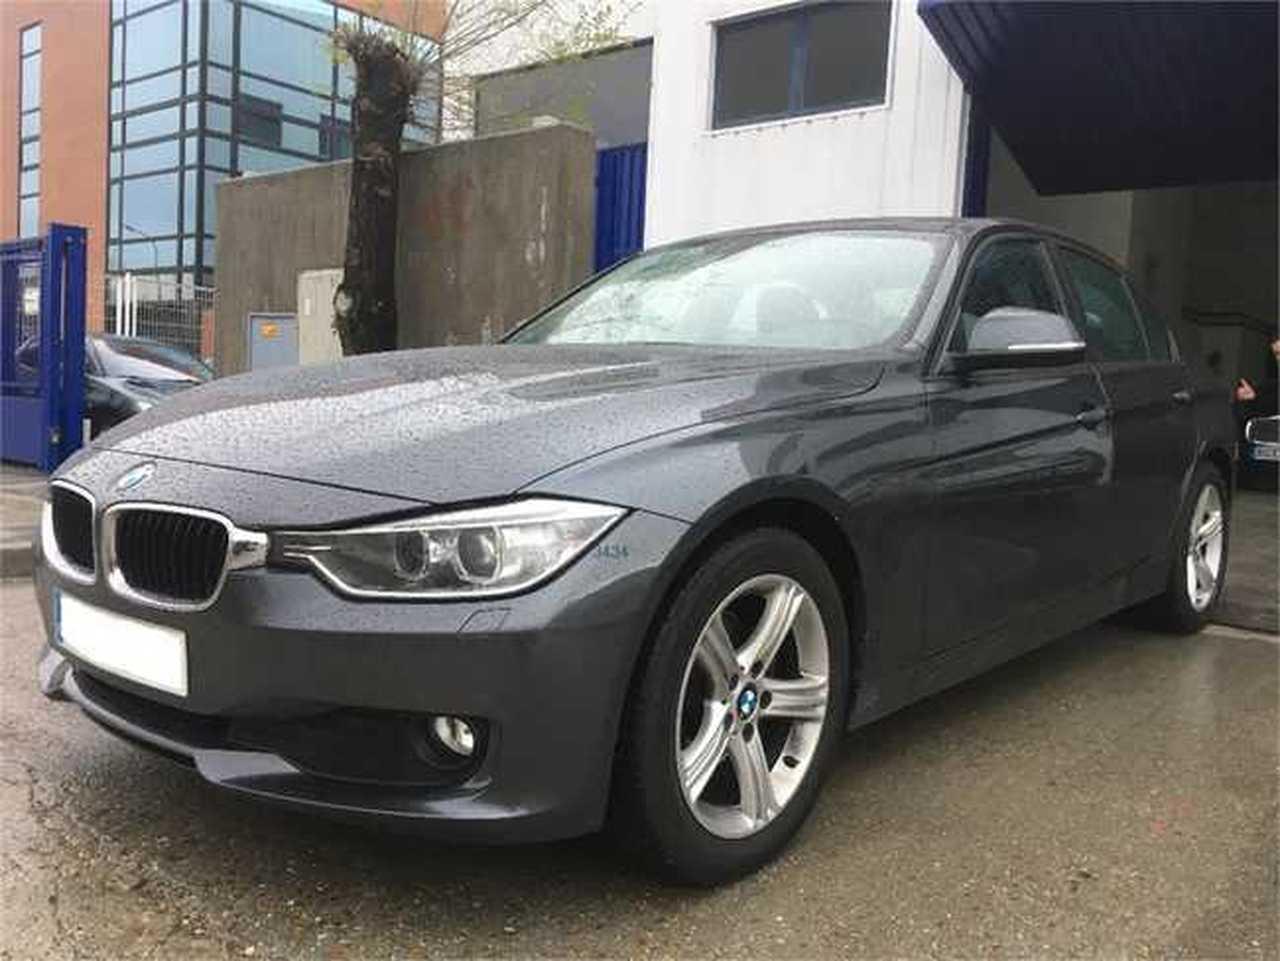 BMW Serie 3 Essential edition   - Foto 1